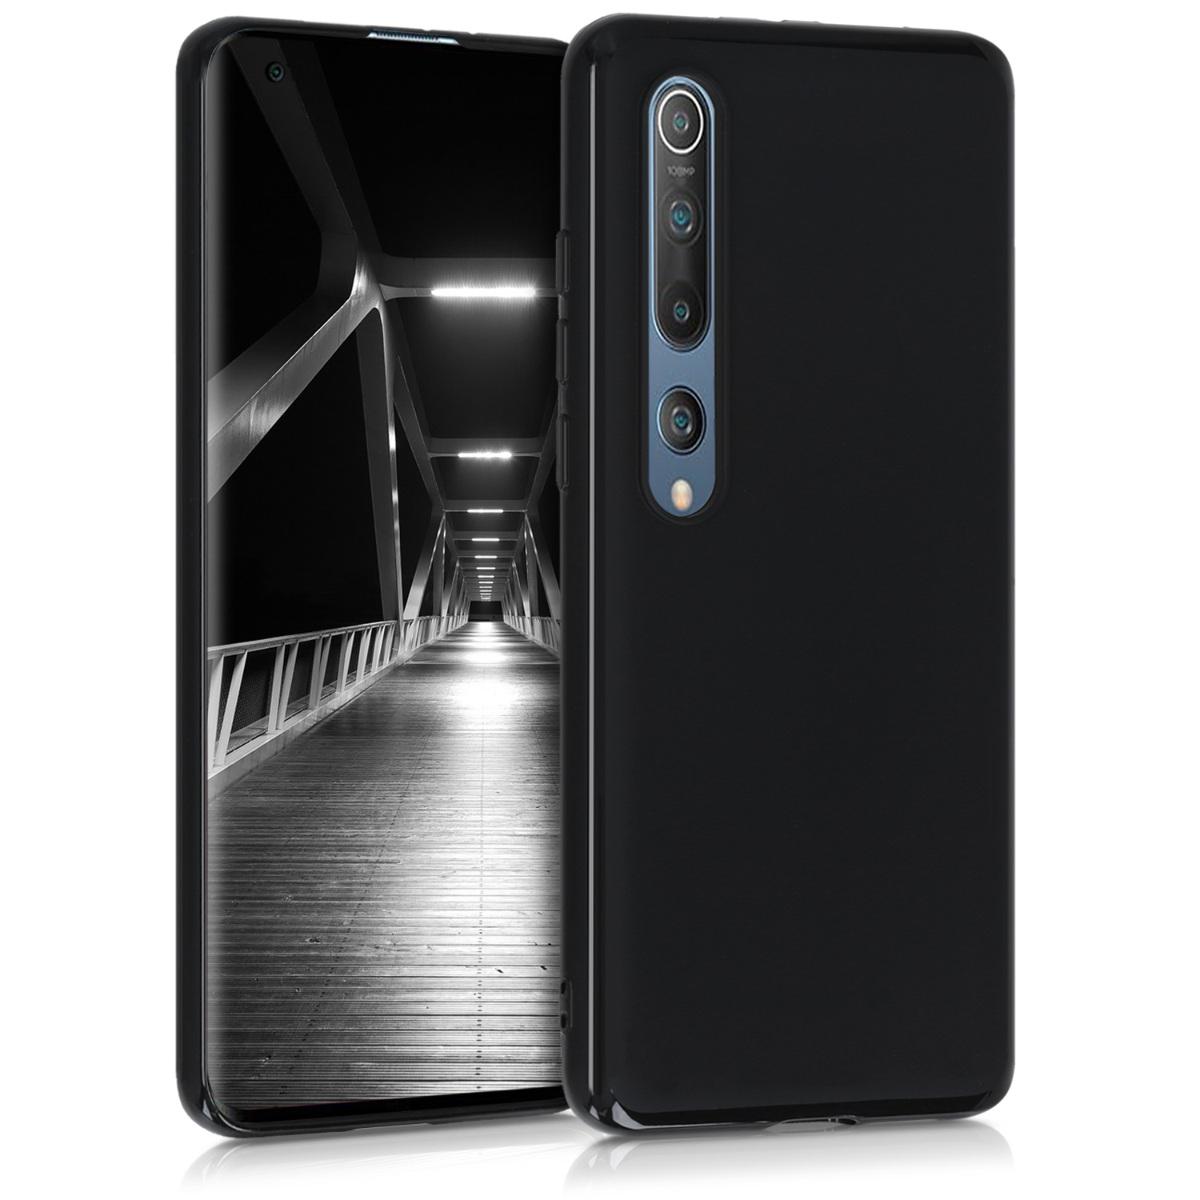 Černé matné silikonové pouzdro / obal pro Xiaomi Mi 10 / Mi 10 Pro